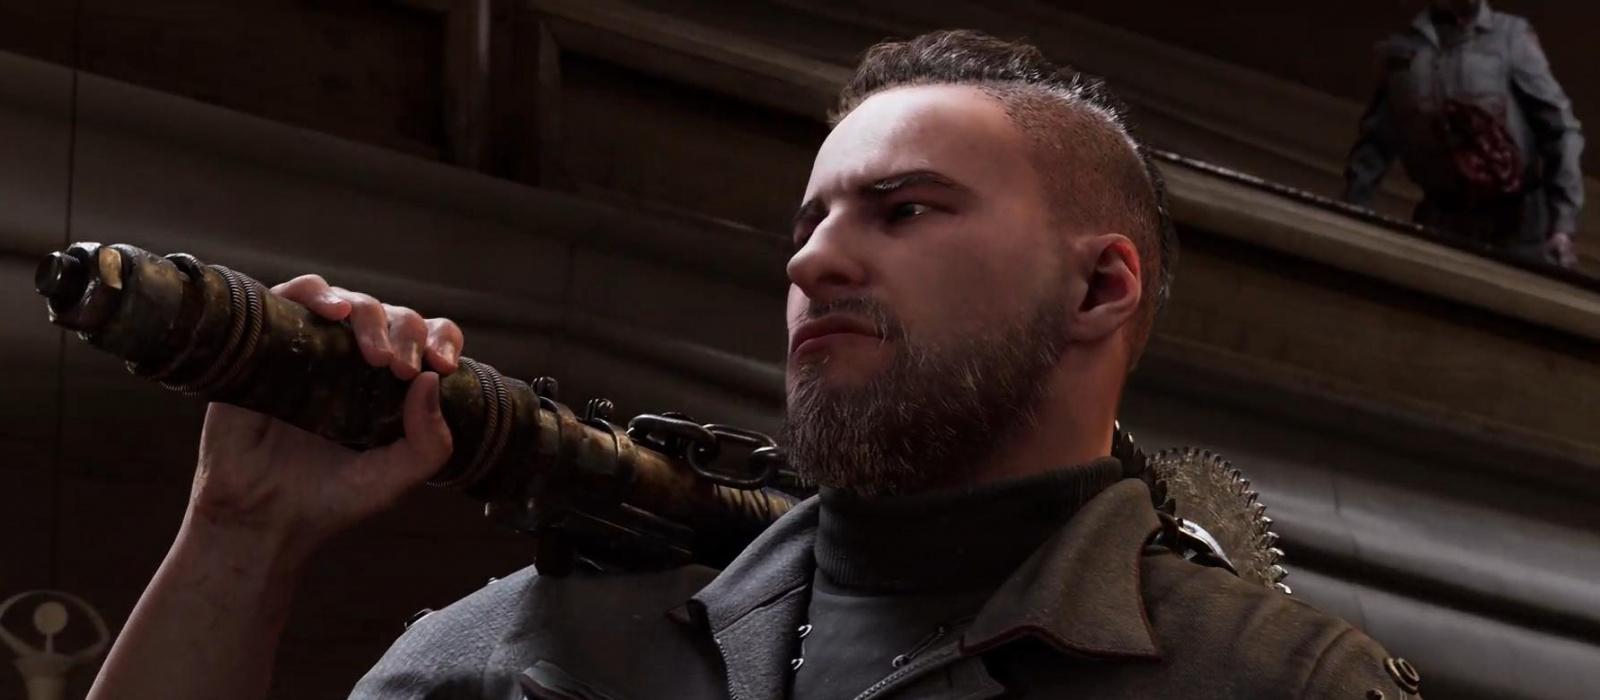 """Analyse des Trailers zu Atomic Heart von der E3 2021. """"Mirage""""-Gruppe veröffentlicht ein Video zum Song """"Music Bound us"""""""